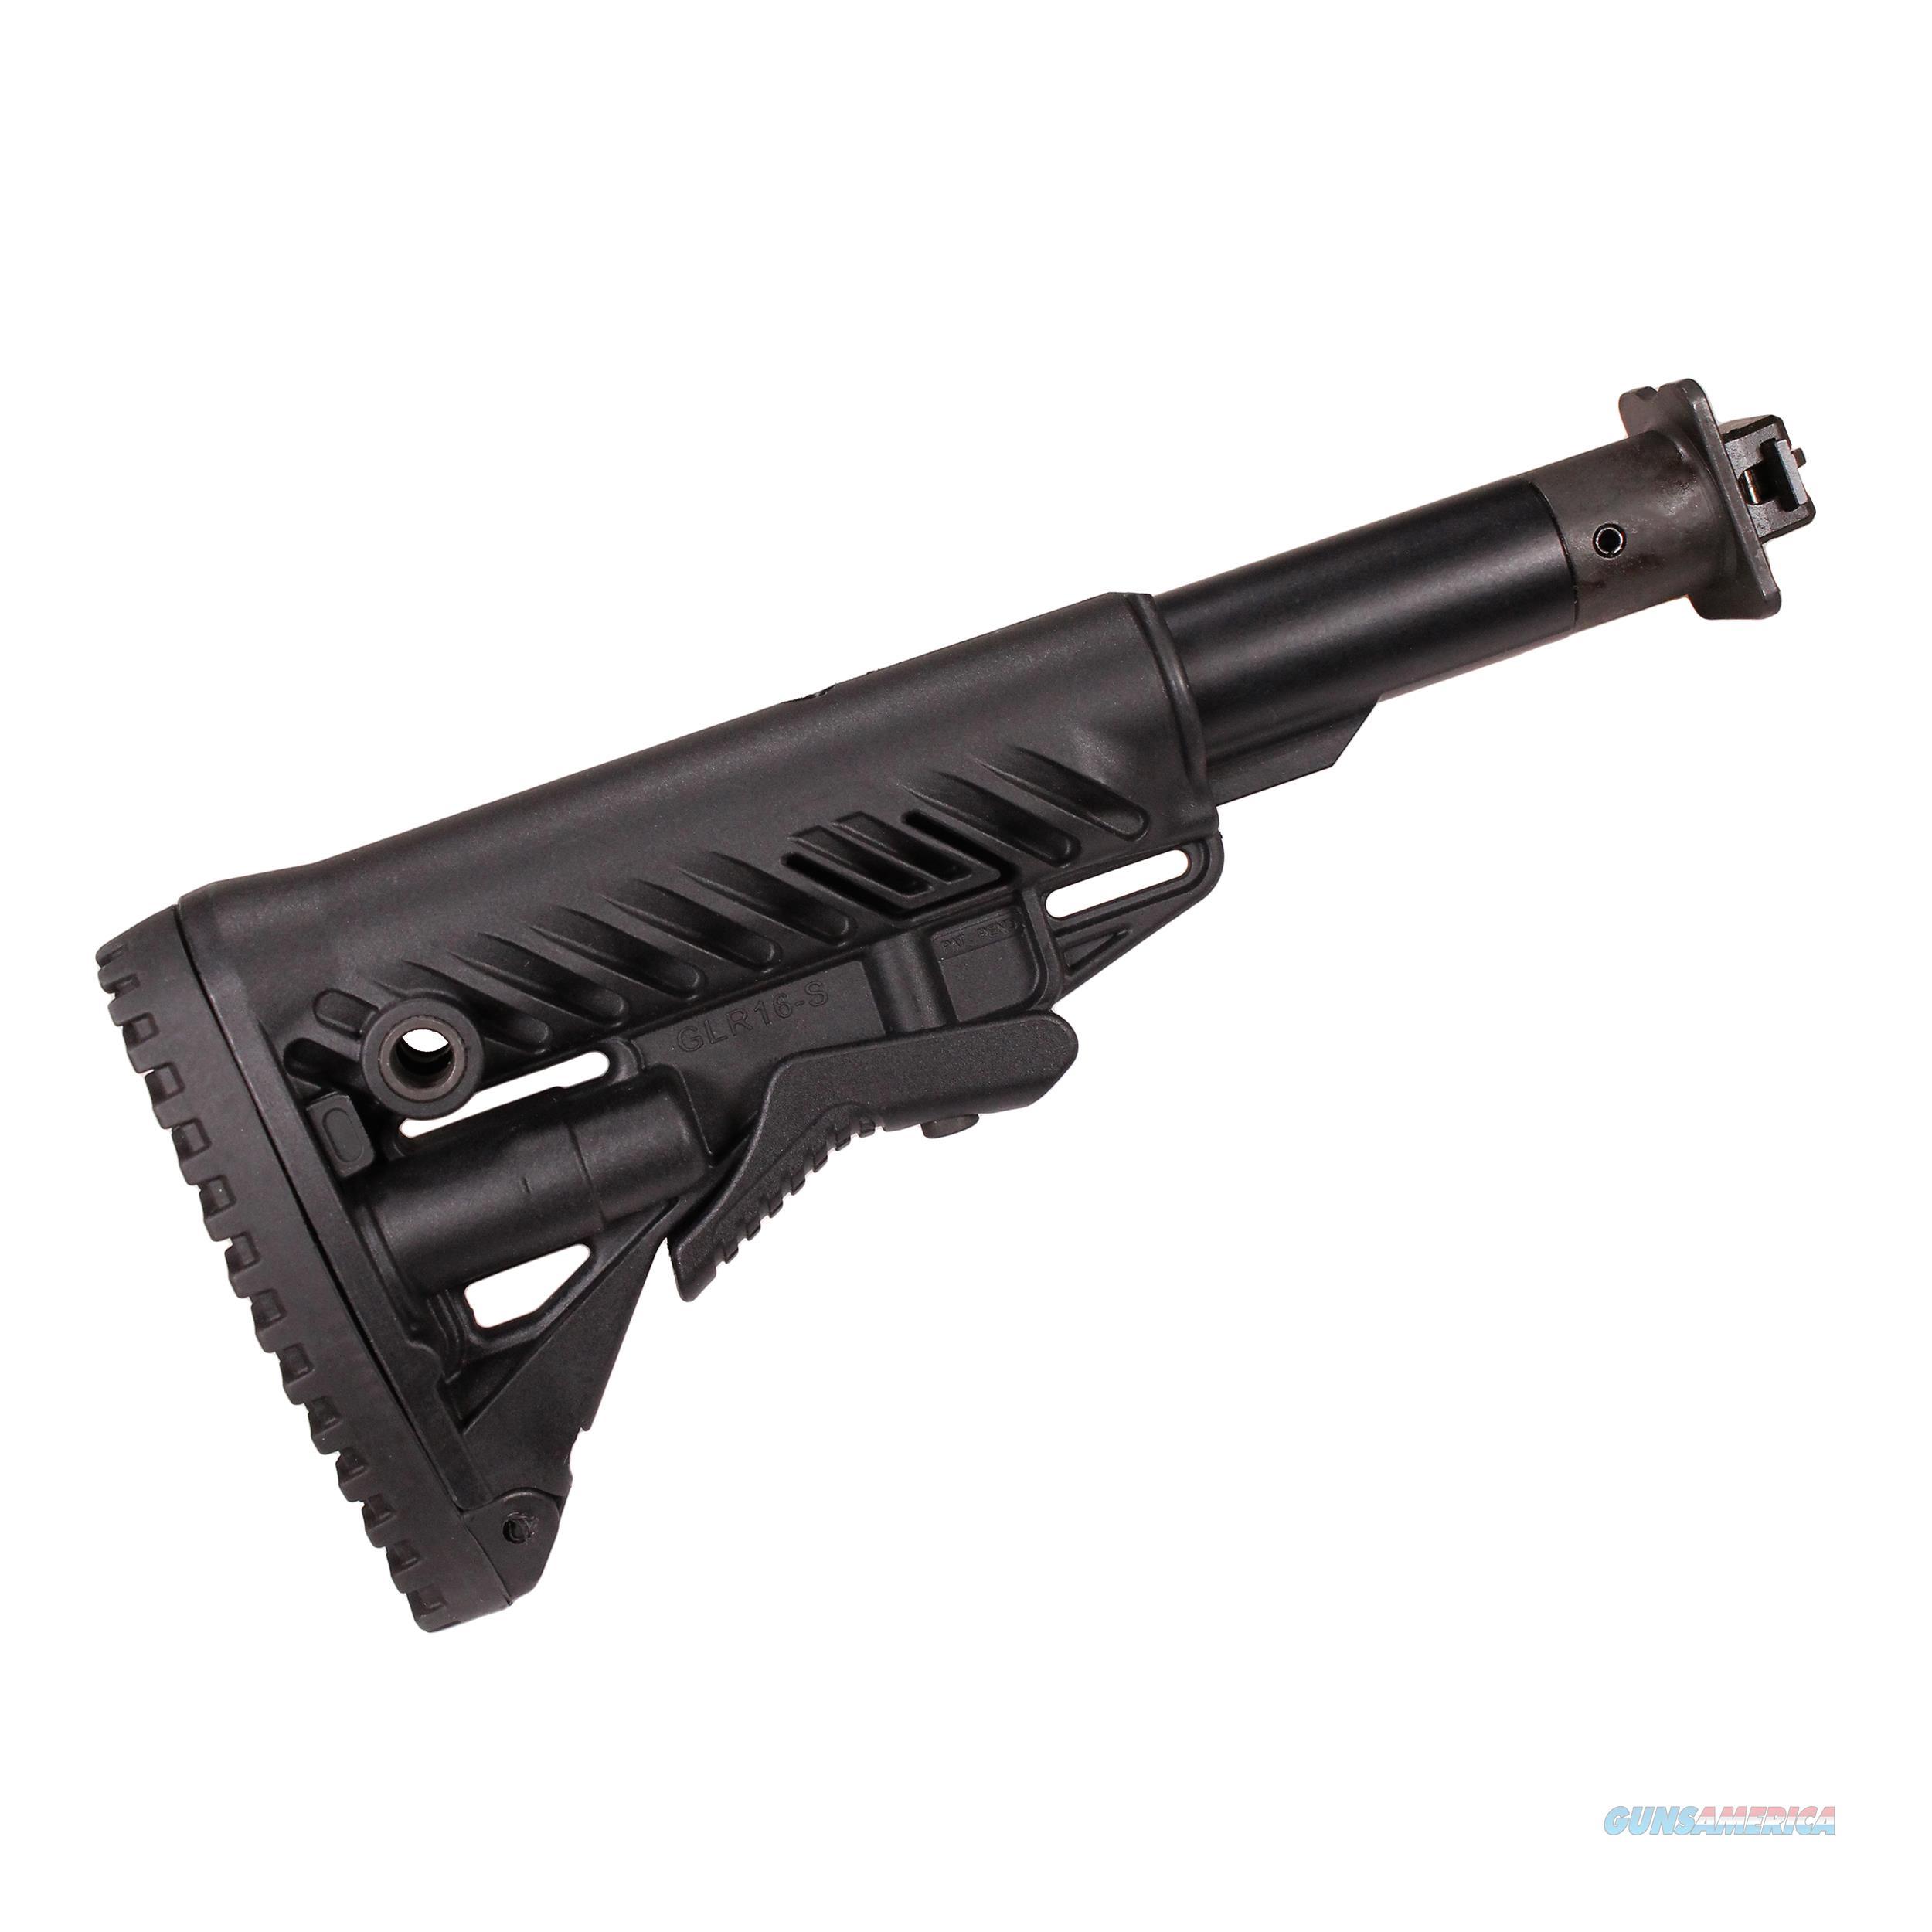 Mako Group M4 Collapsible Buttstock M4VEPR-FK-B  Non-Guns > Gunstocks, Grips & Wood